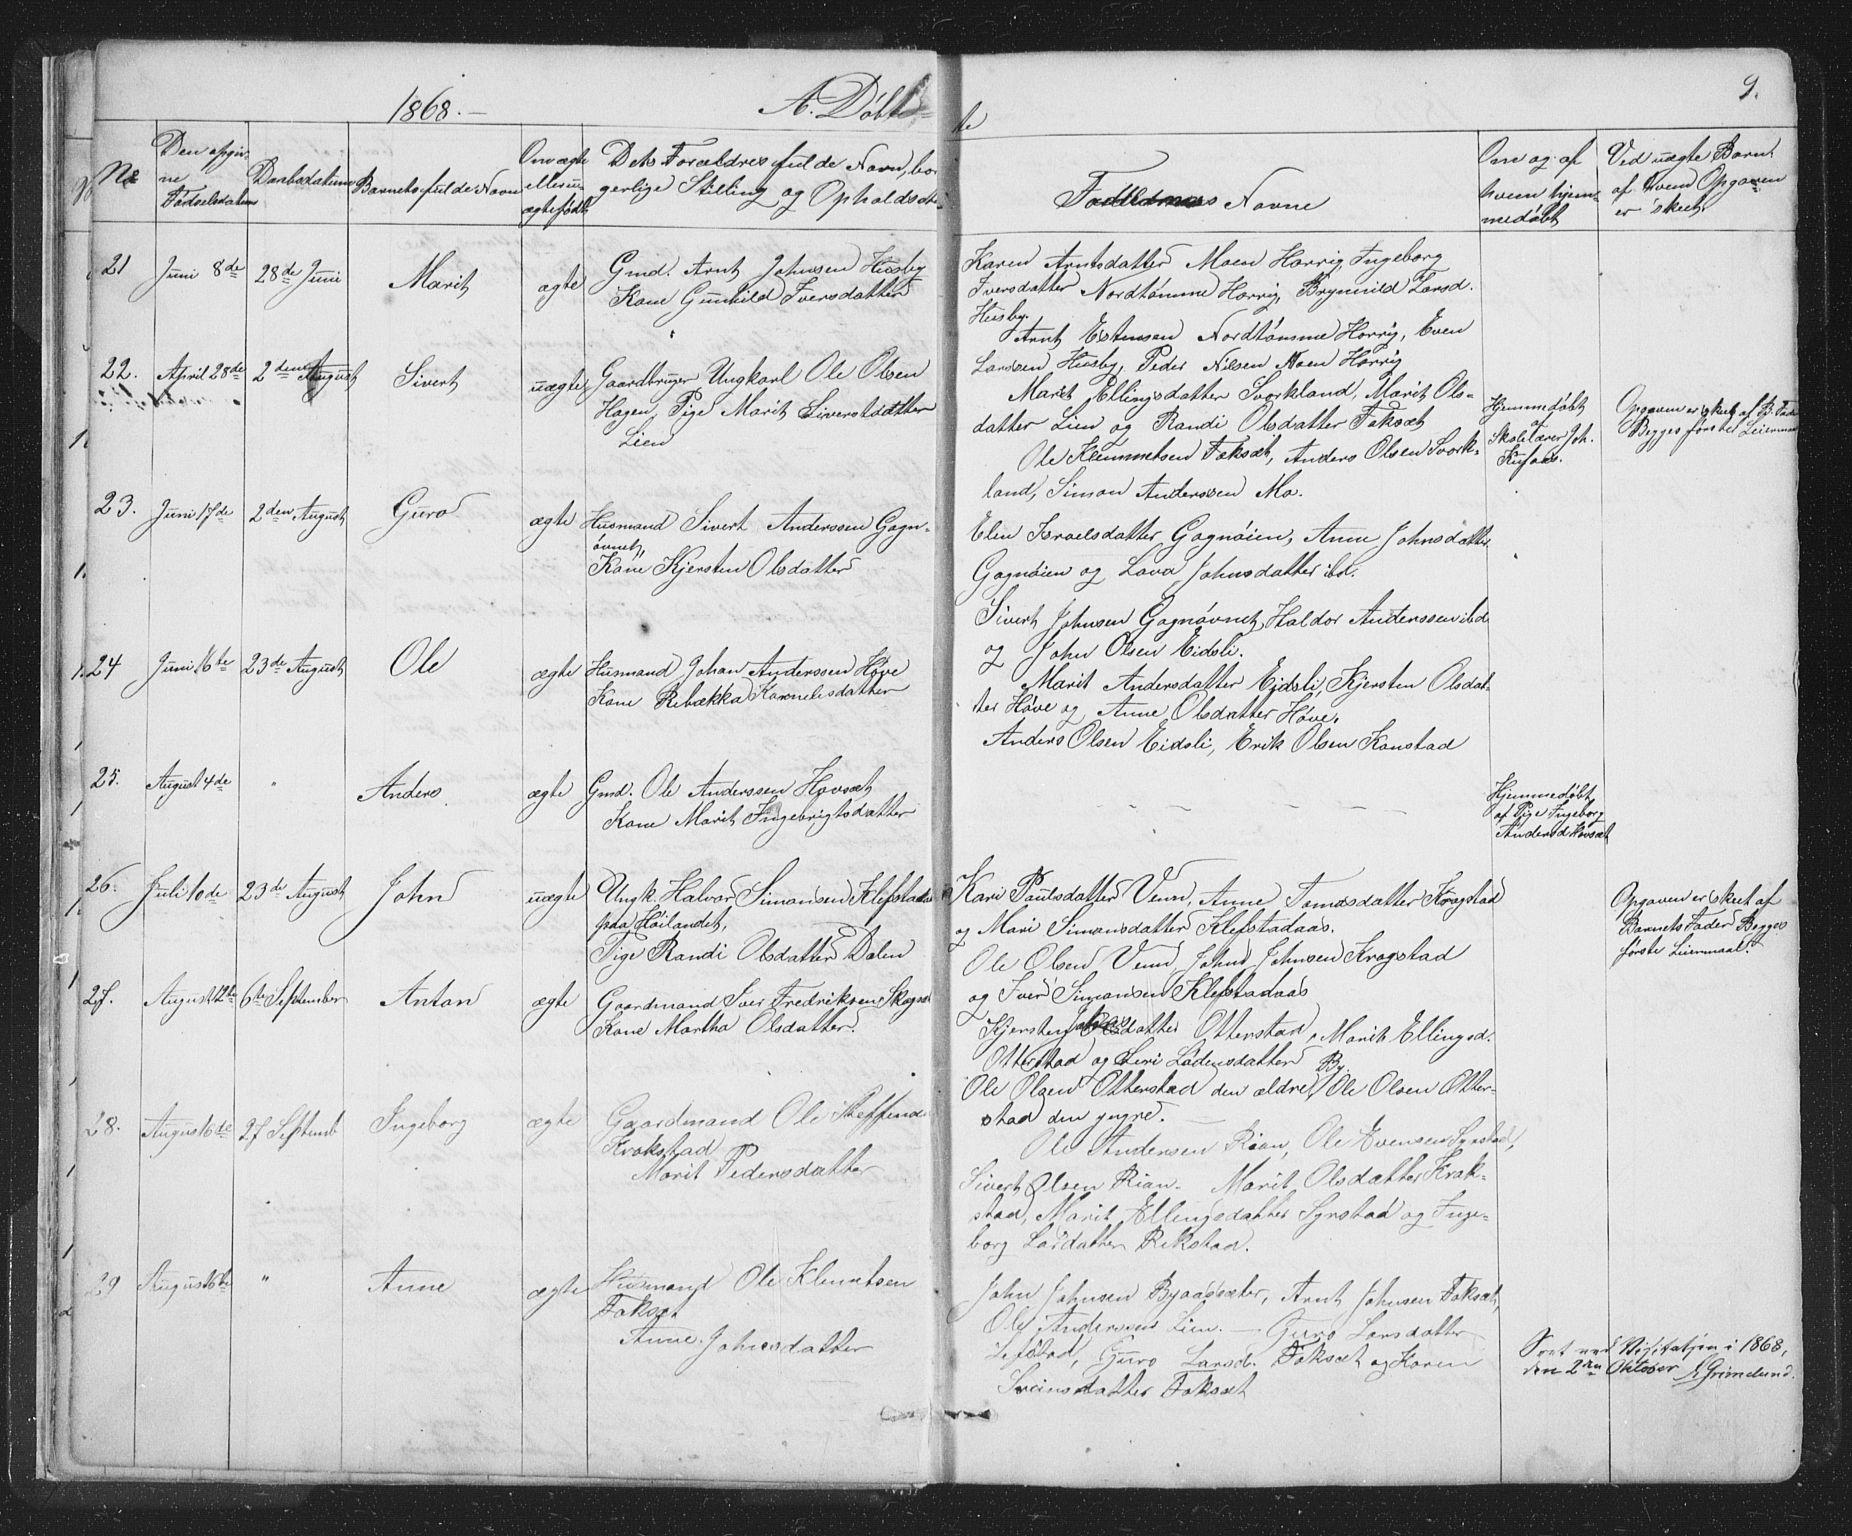 SAT, Ministerialprotokoller, klokkerbøker og fødselsregistre - Sør-Trøndelag, 667/L0798: Klokkerbok nr. 667C03, 1867-1929, s. 9